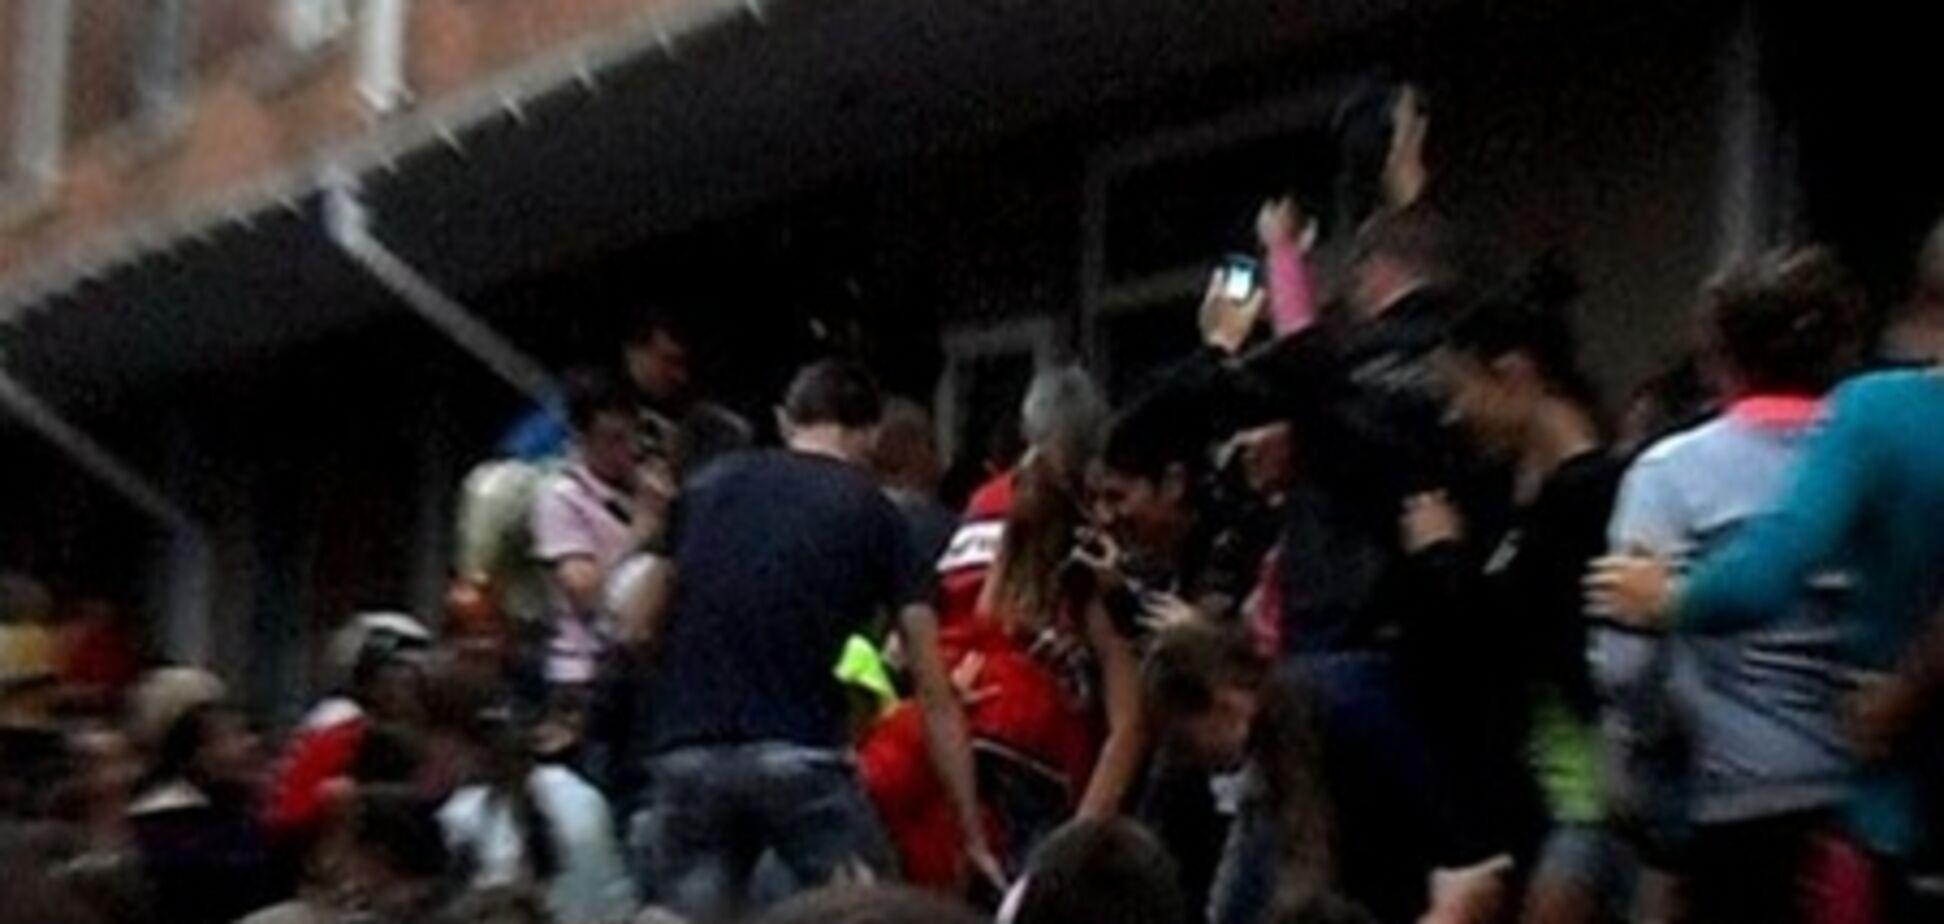 Через події у Врадіївці в міліції полетіли голови